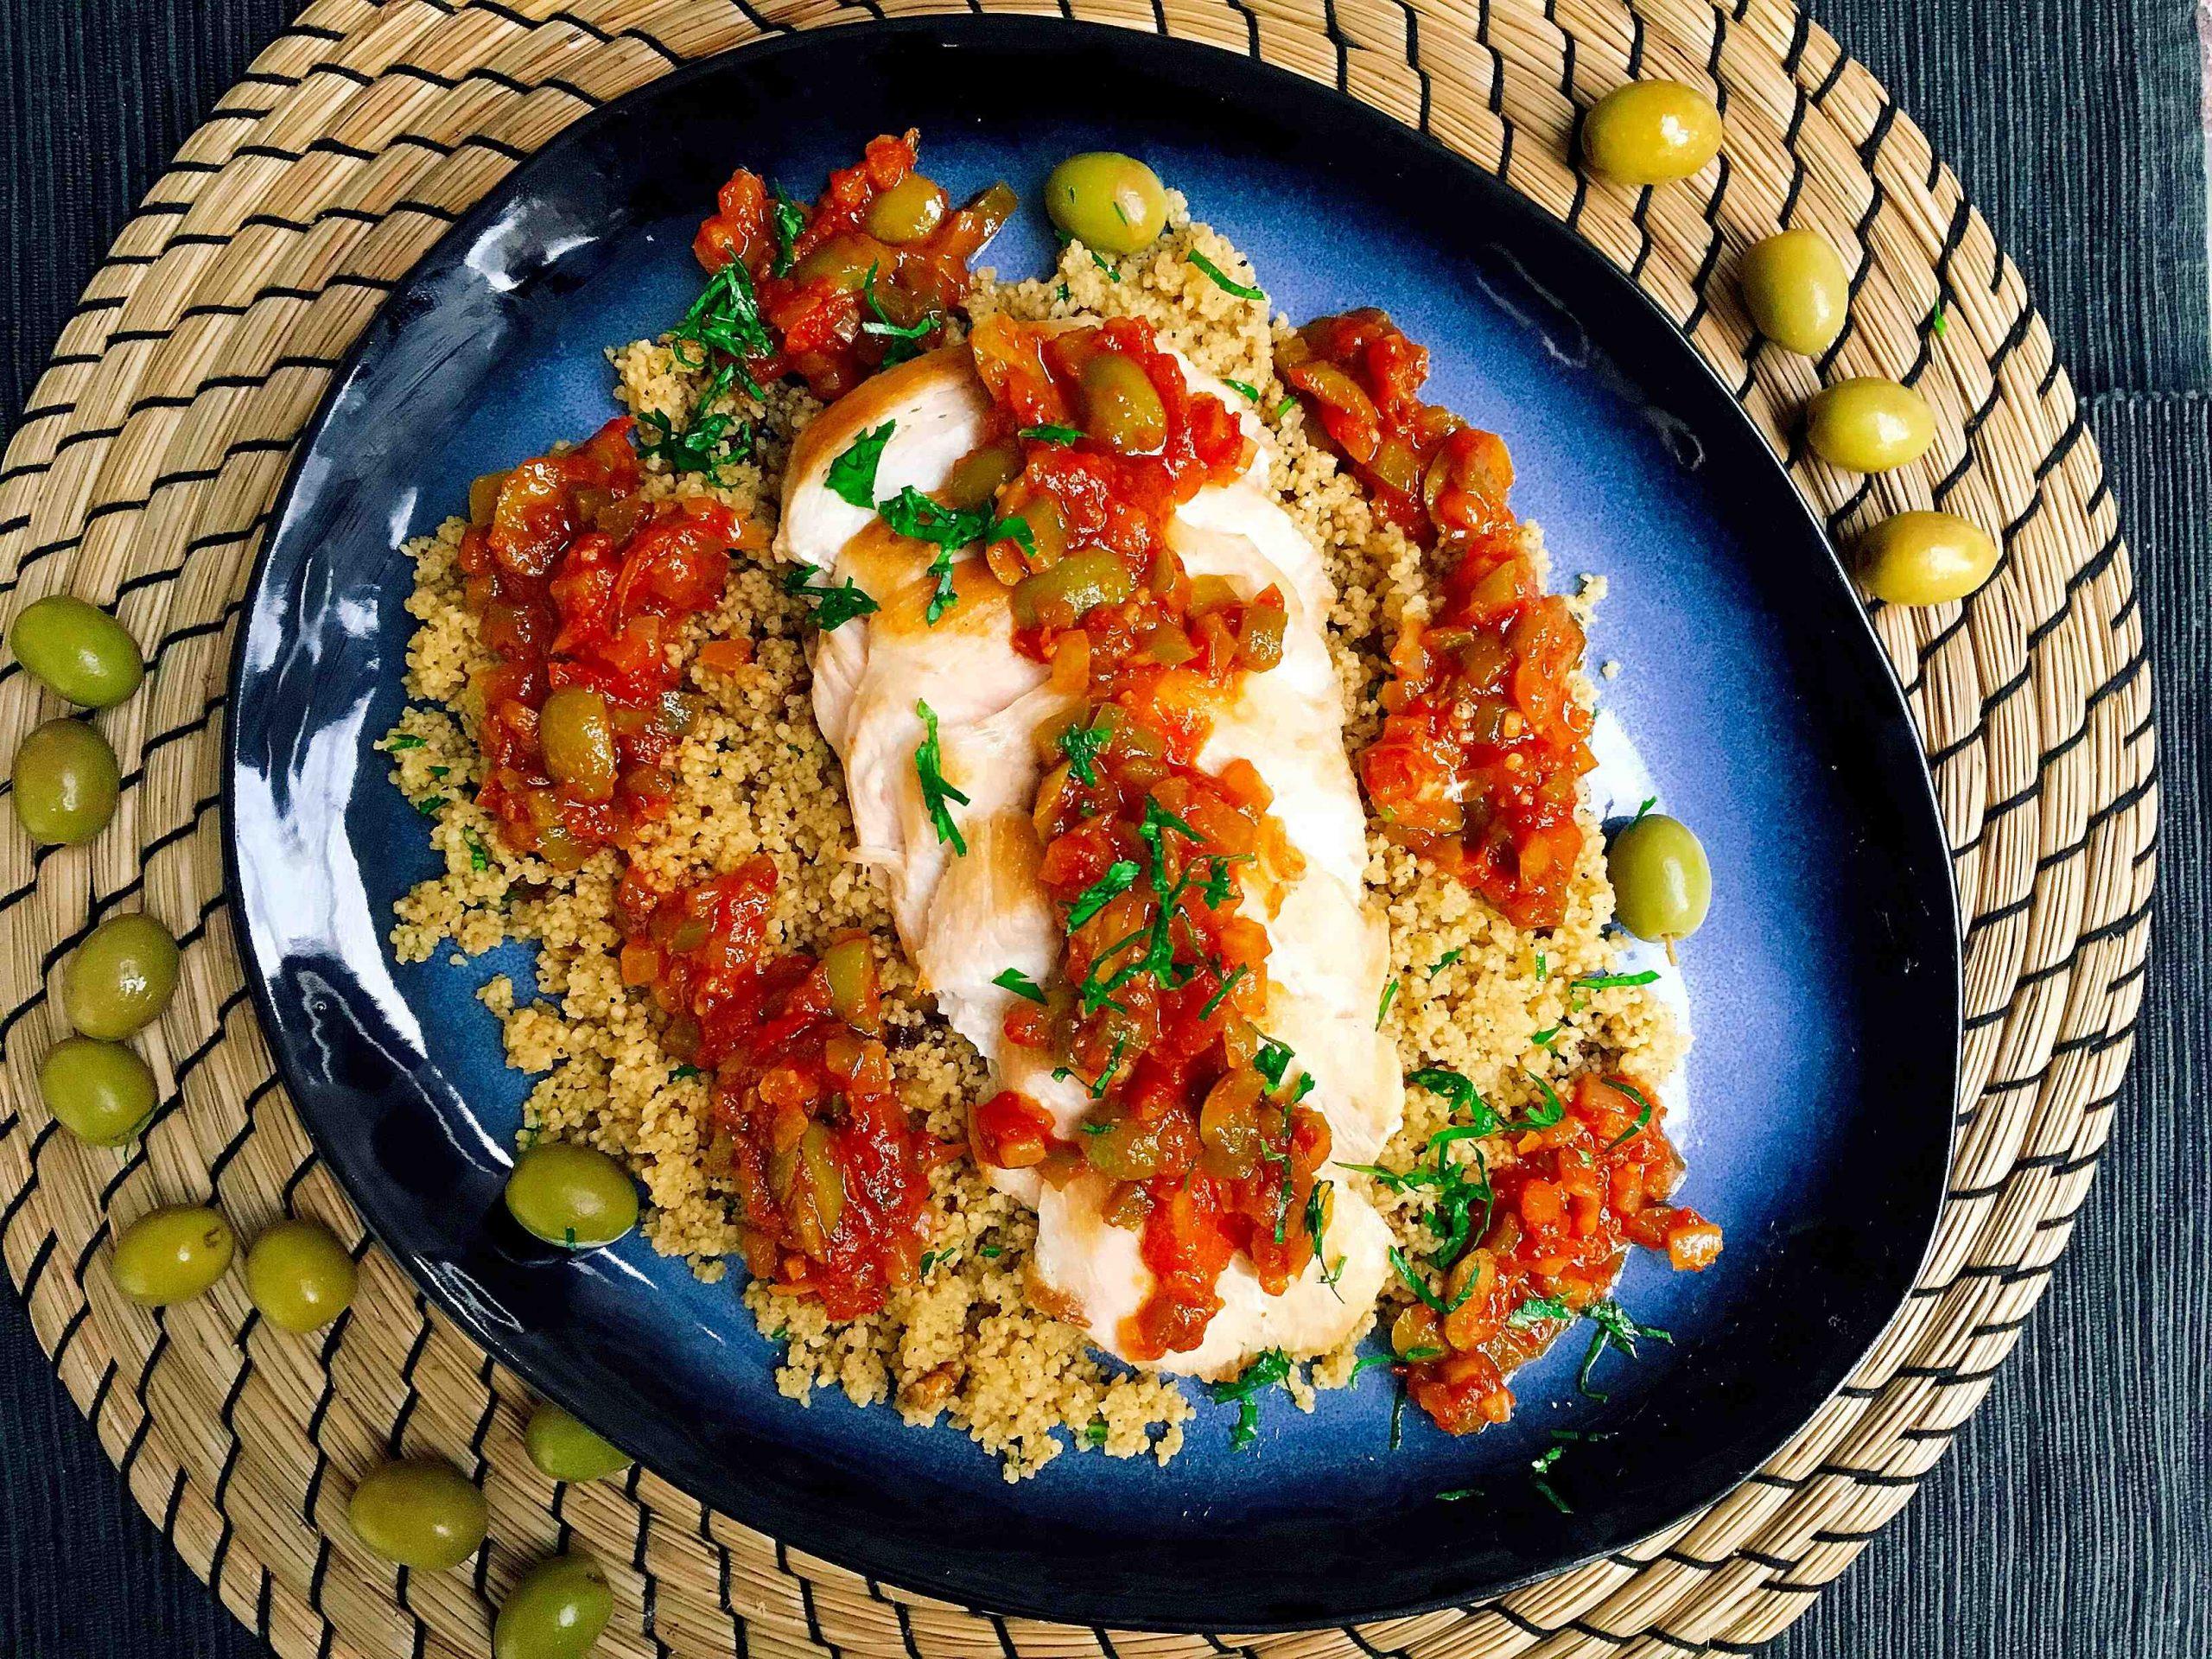 Recette I-Lunch : Poulet olives semoule pour 2